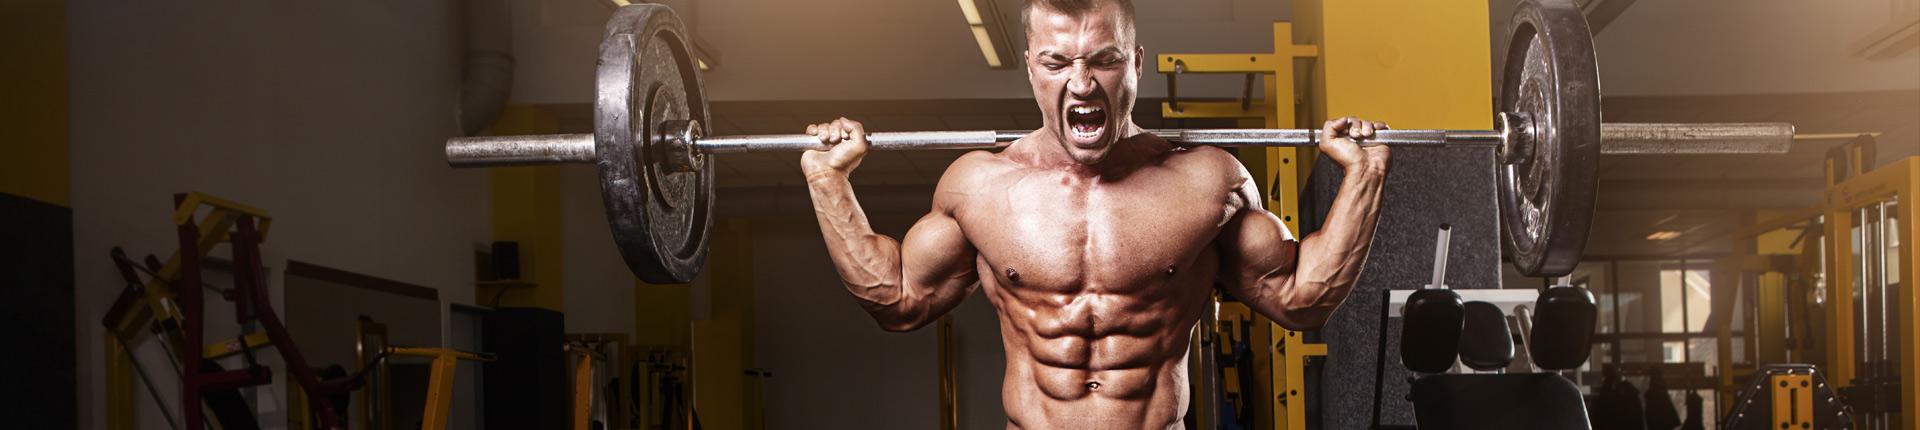 Suplementy diety wspomagające wytrzymałość, wydolność fizyczną